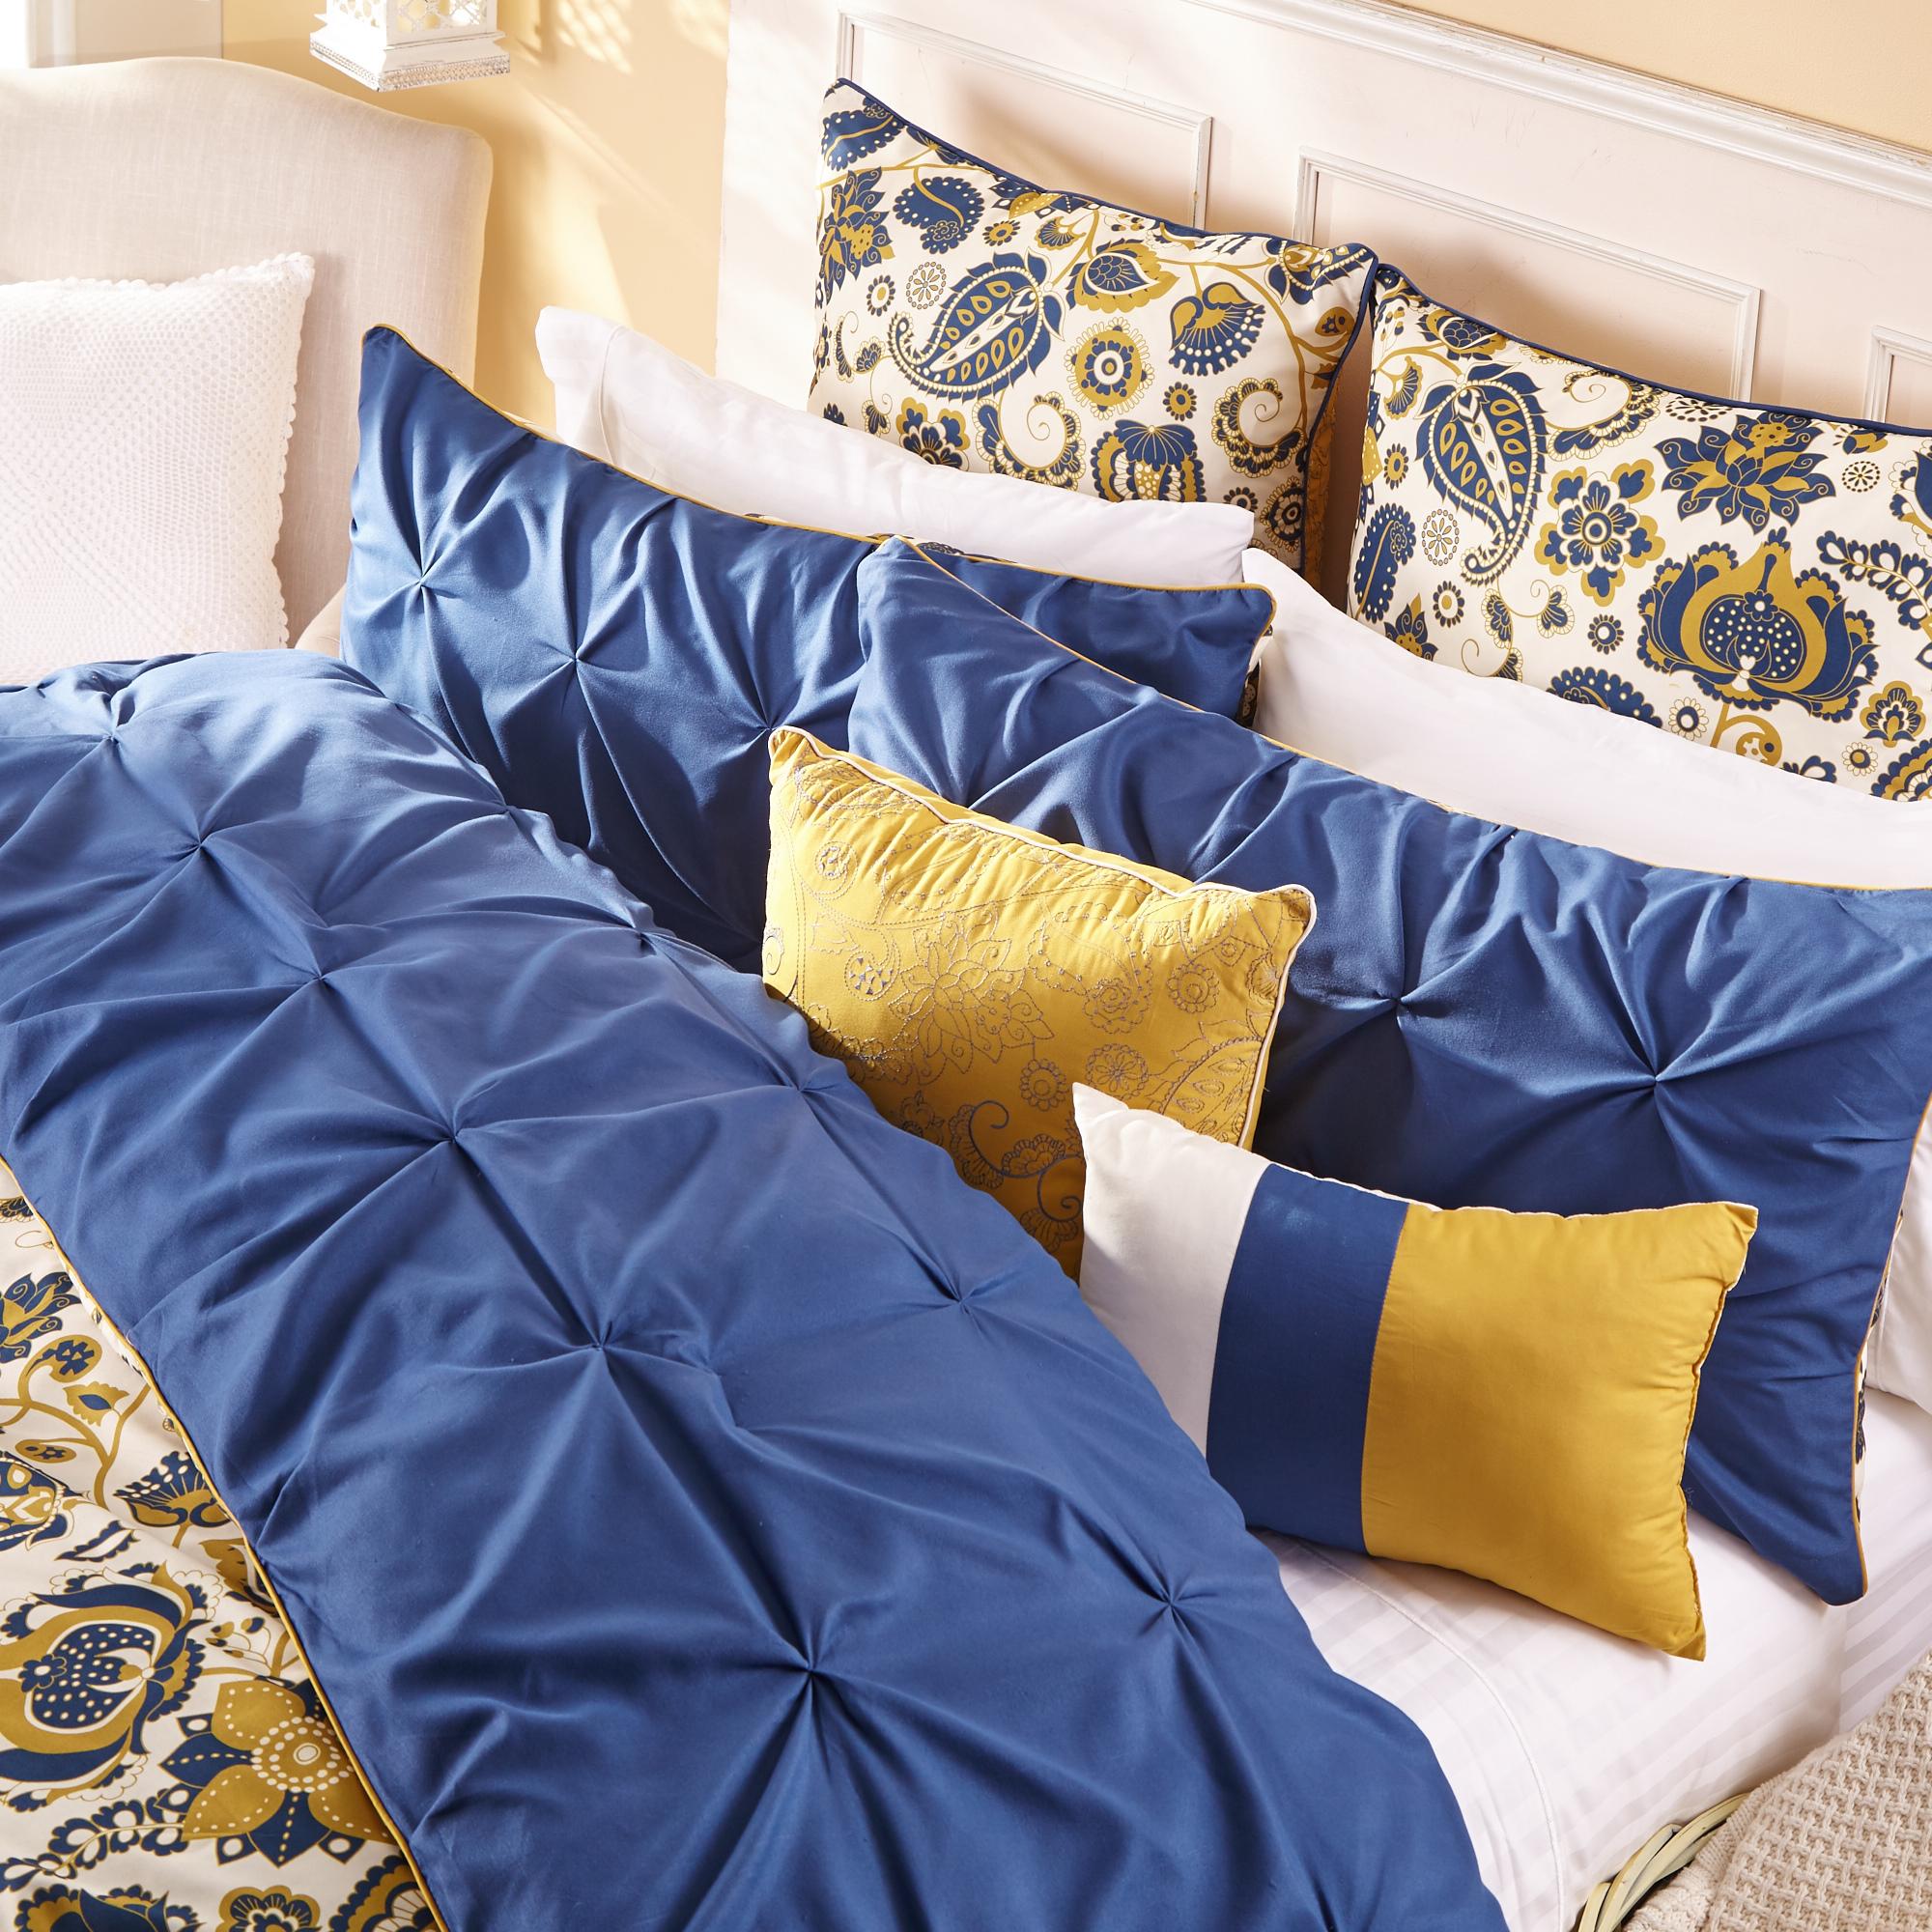 130626_ComfortersDuvets_0519_ED_997.jpg